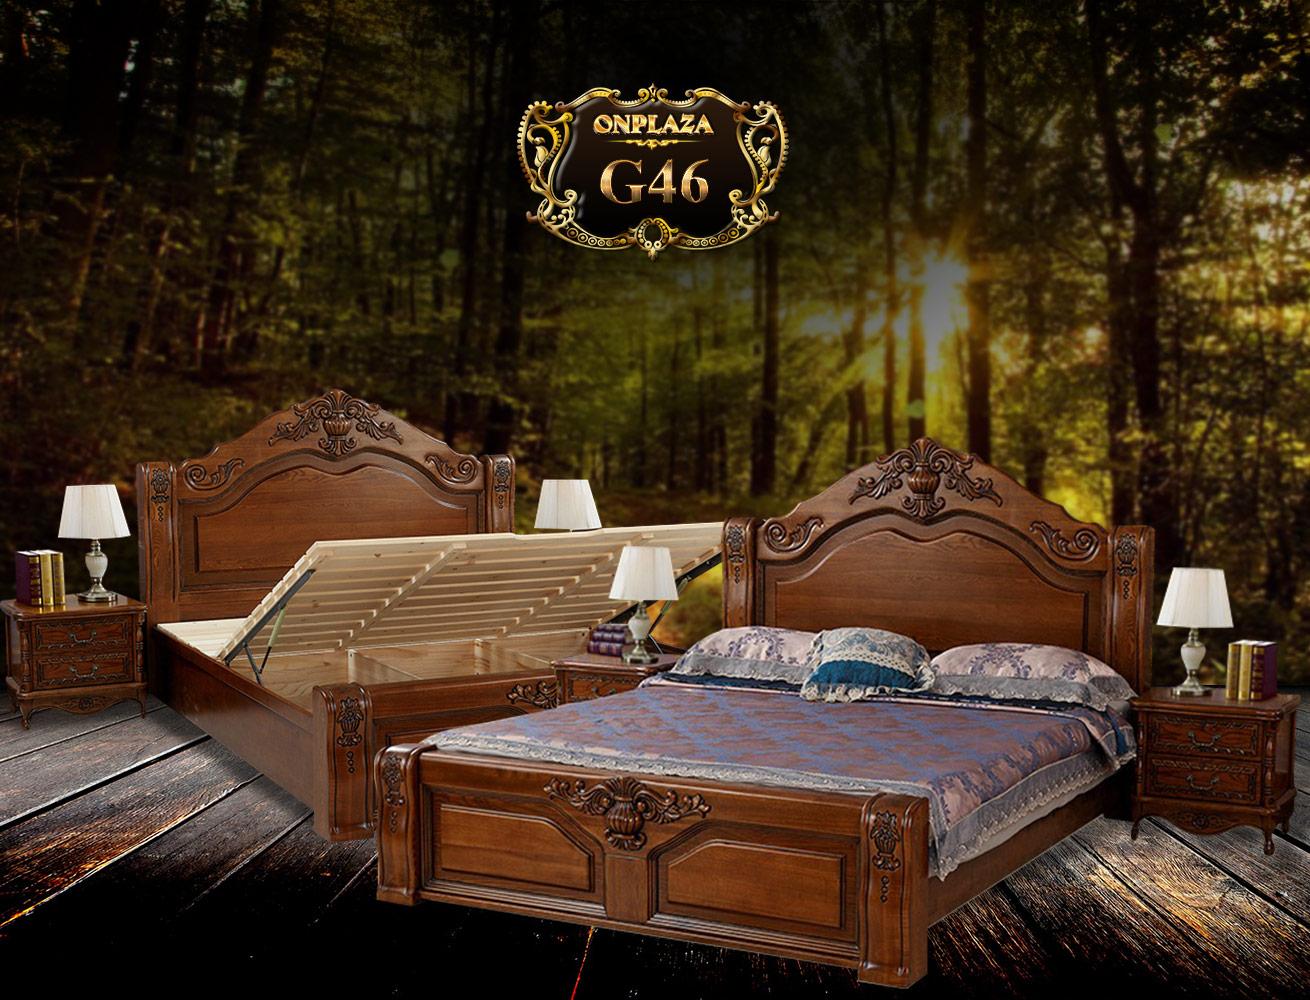 Giường ngủ khắc gỗ cổ điển sắc nâu G46   Giường ngủ gỗ tự nhiên cao cấp   Giường ngủ gỗ đa năng